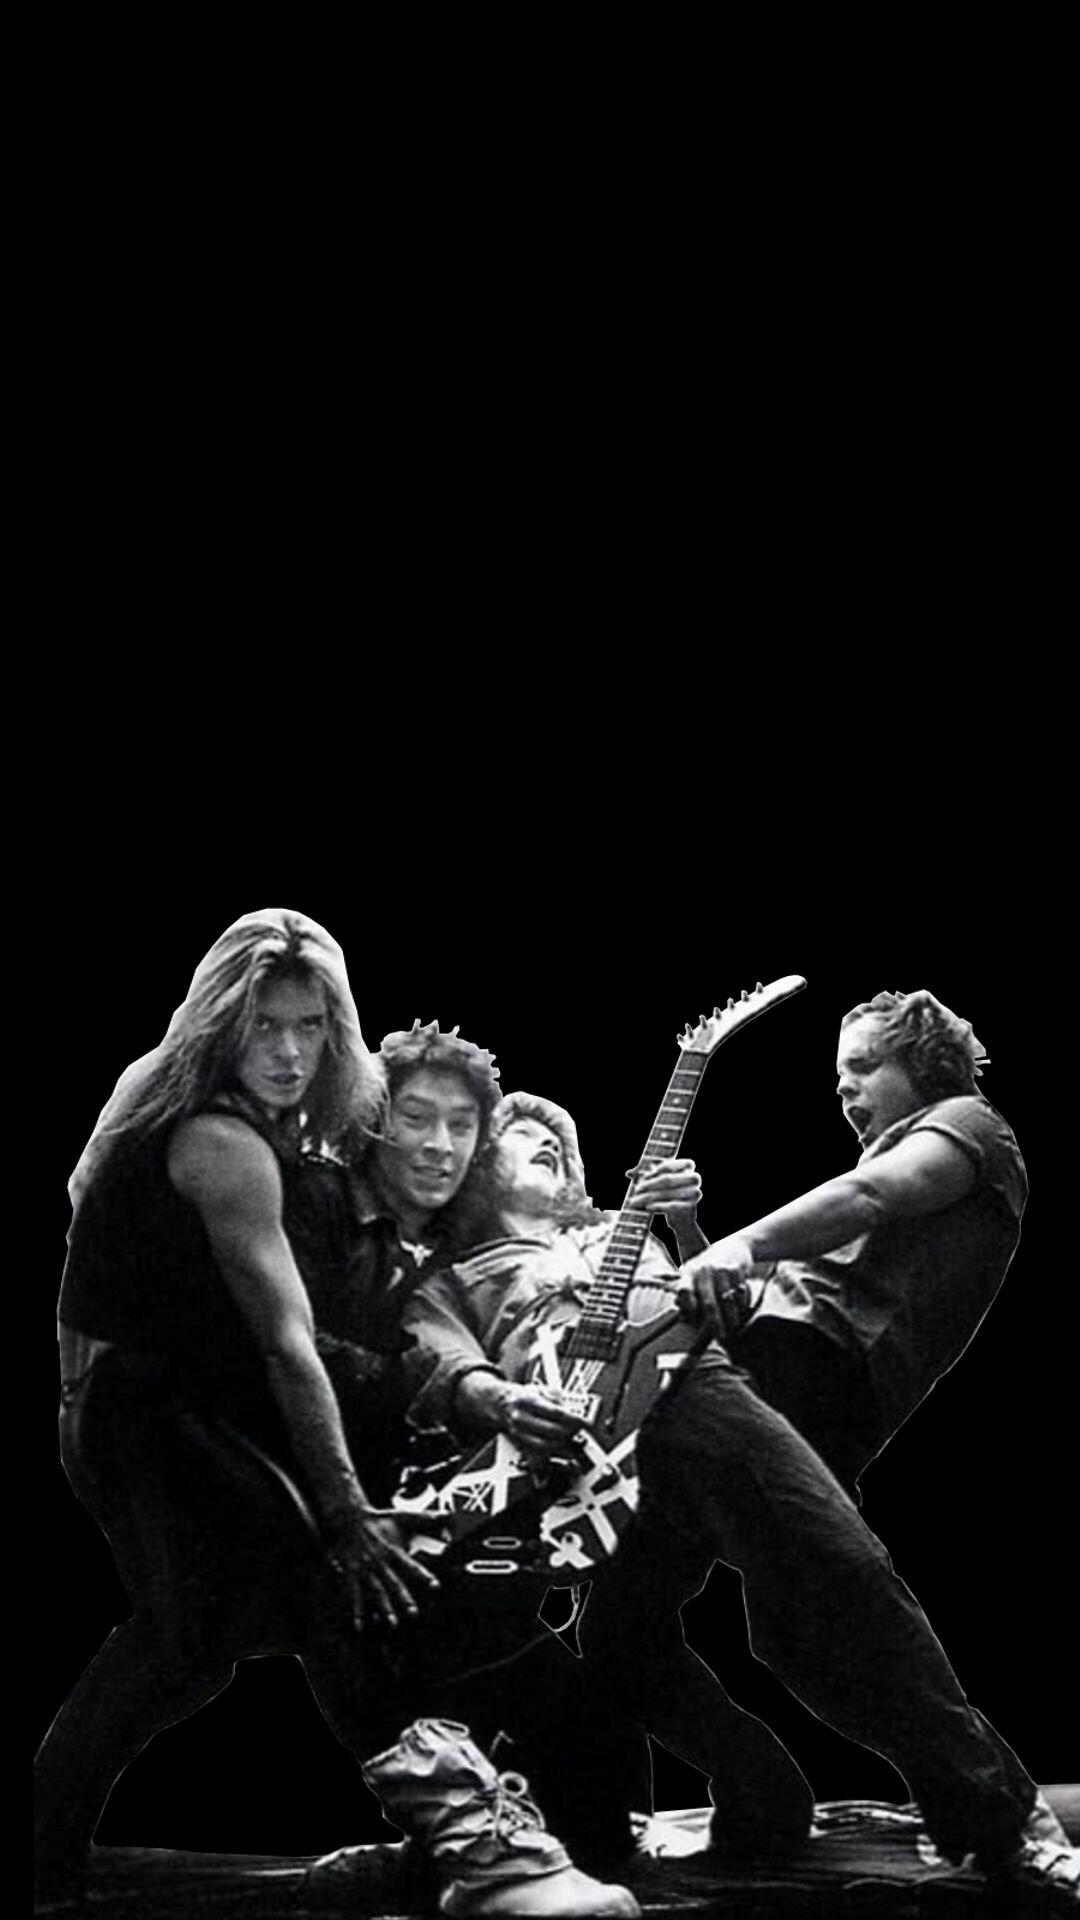 Van Halen Van Halen Rock Legends Eddie Van Halen